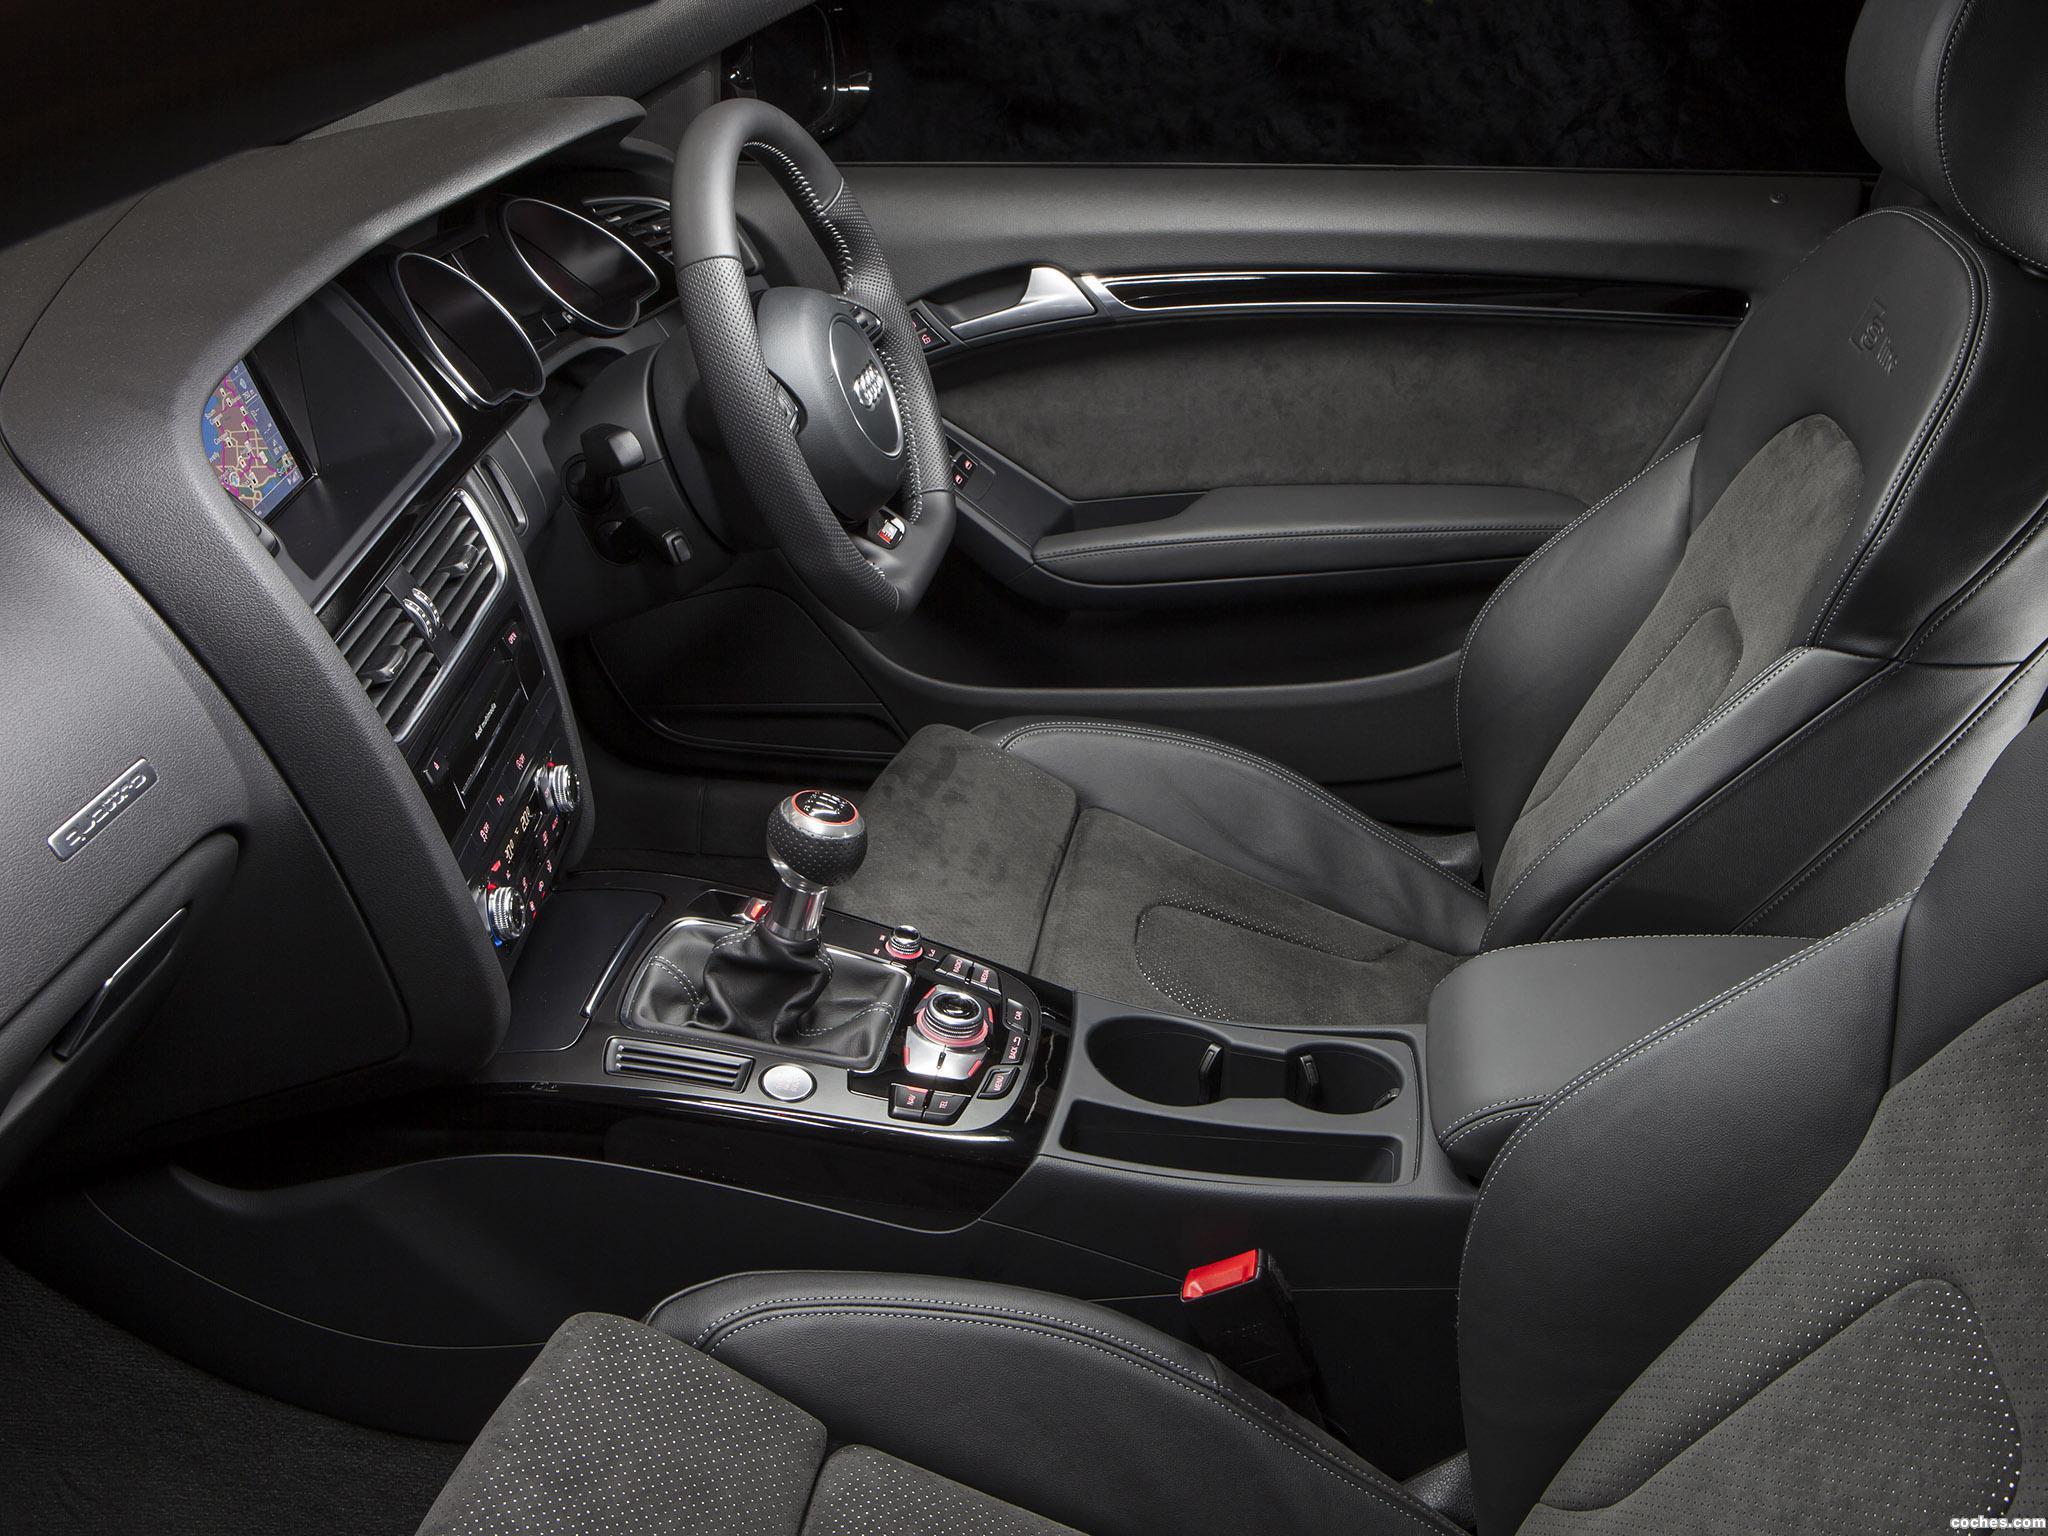 Foto 7 de Audi A5 2.0T Quattro S-Line Competition Coupe Australia 2012